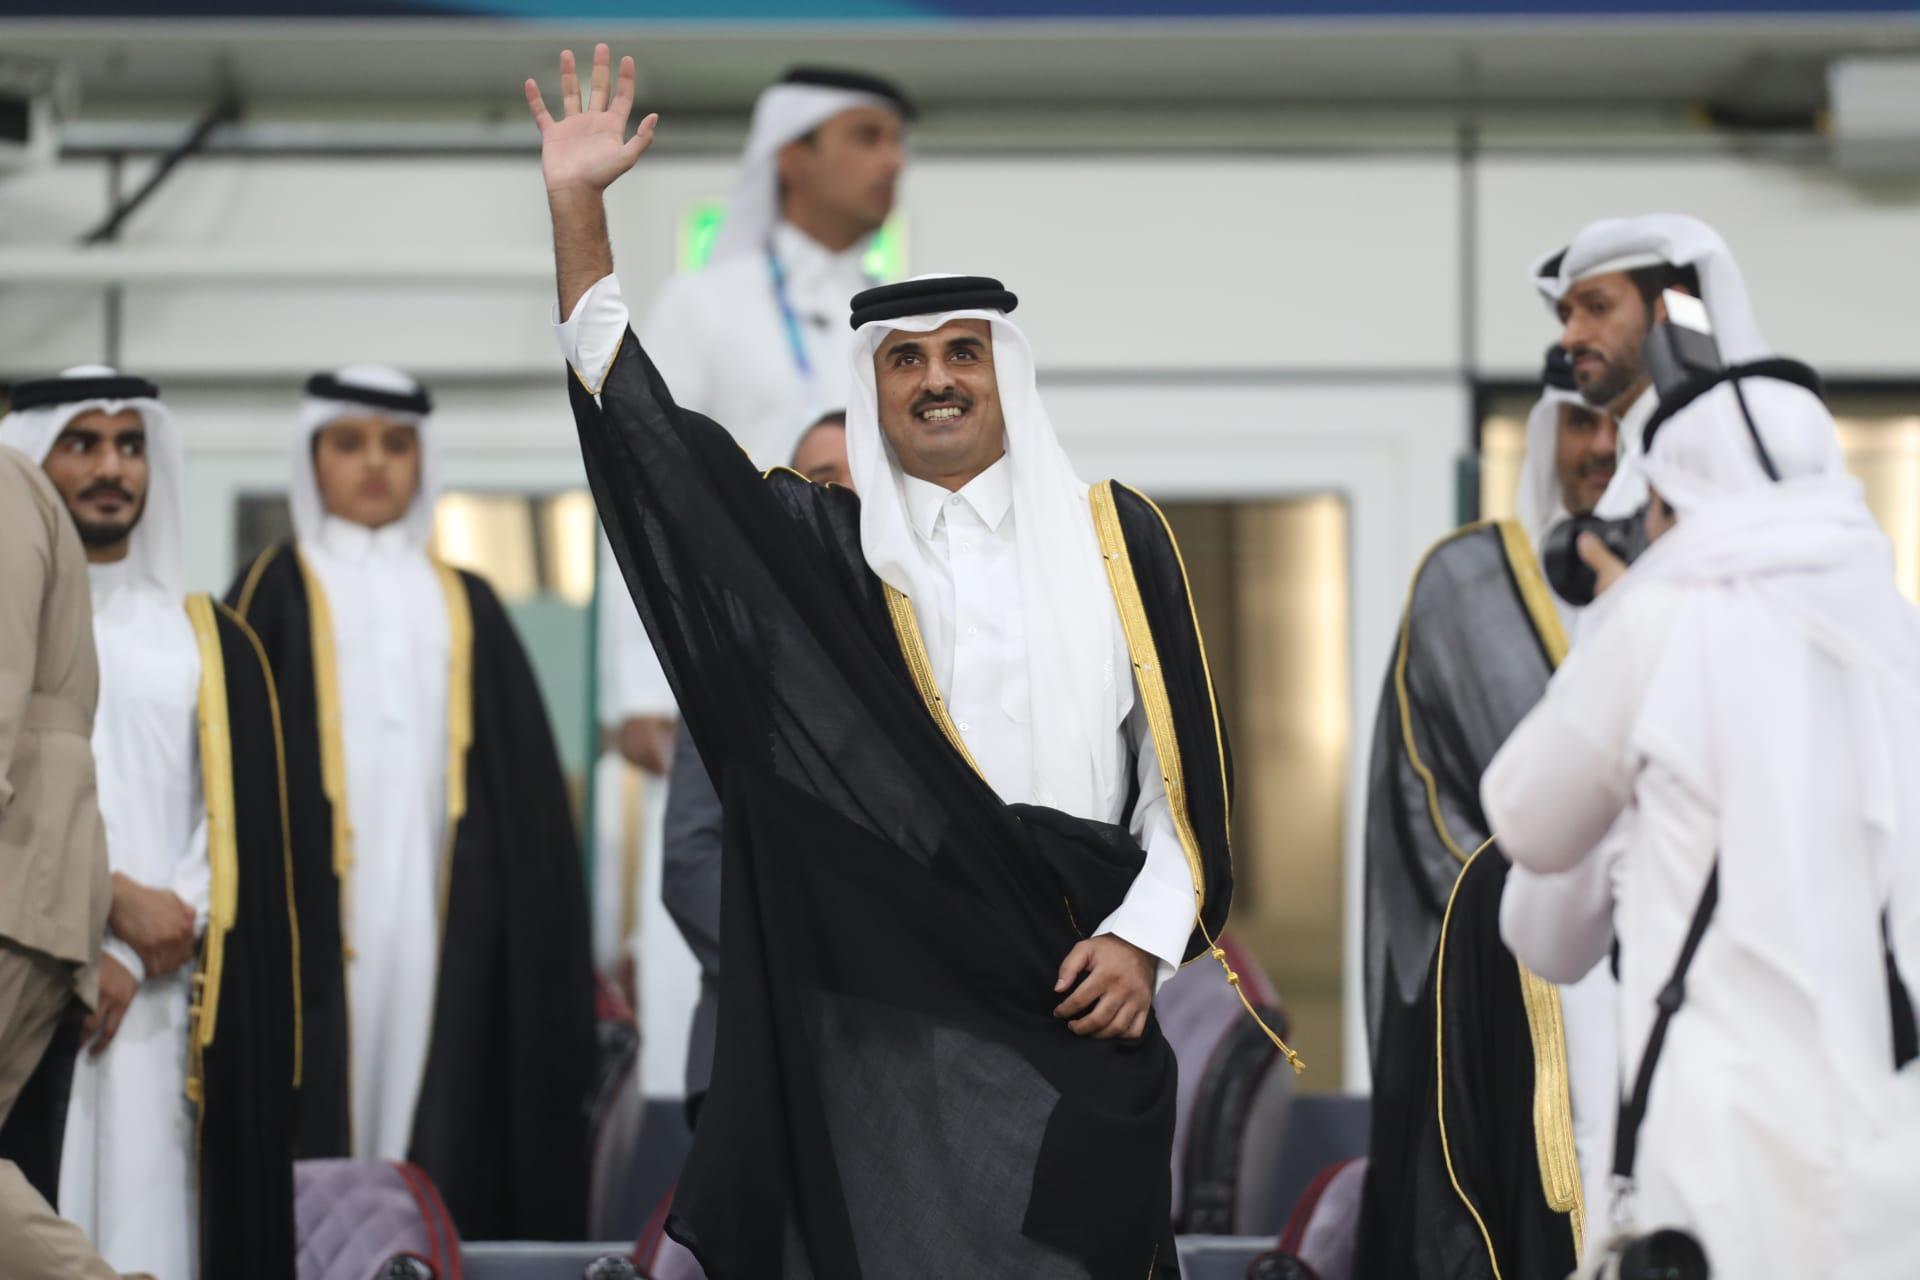 صورة أرشيفية لأمير قطر في نهائي كأس الأمير 2019